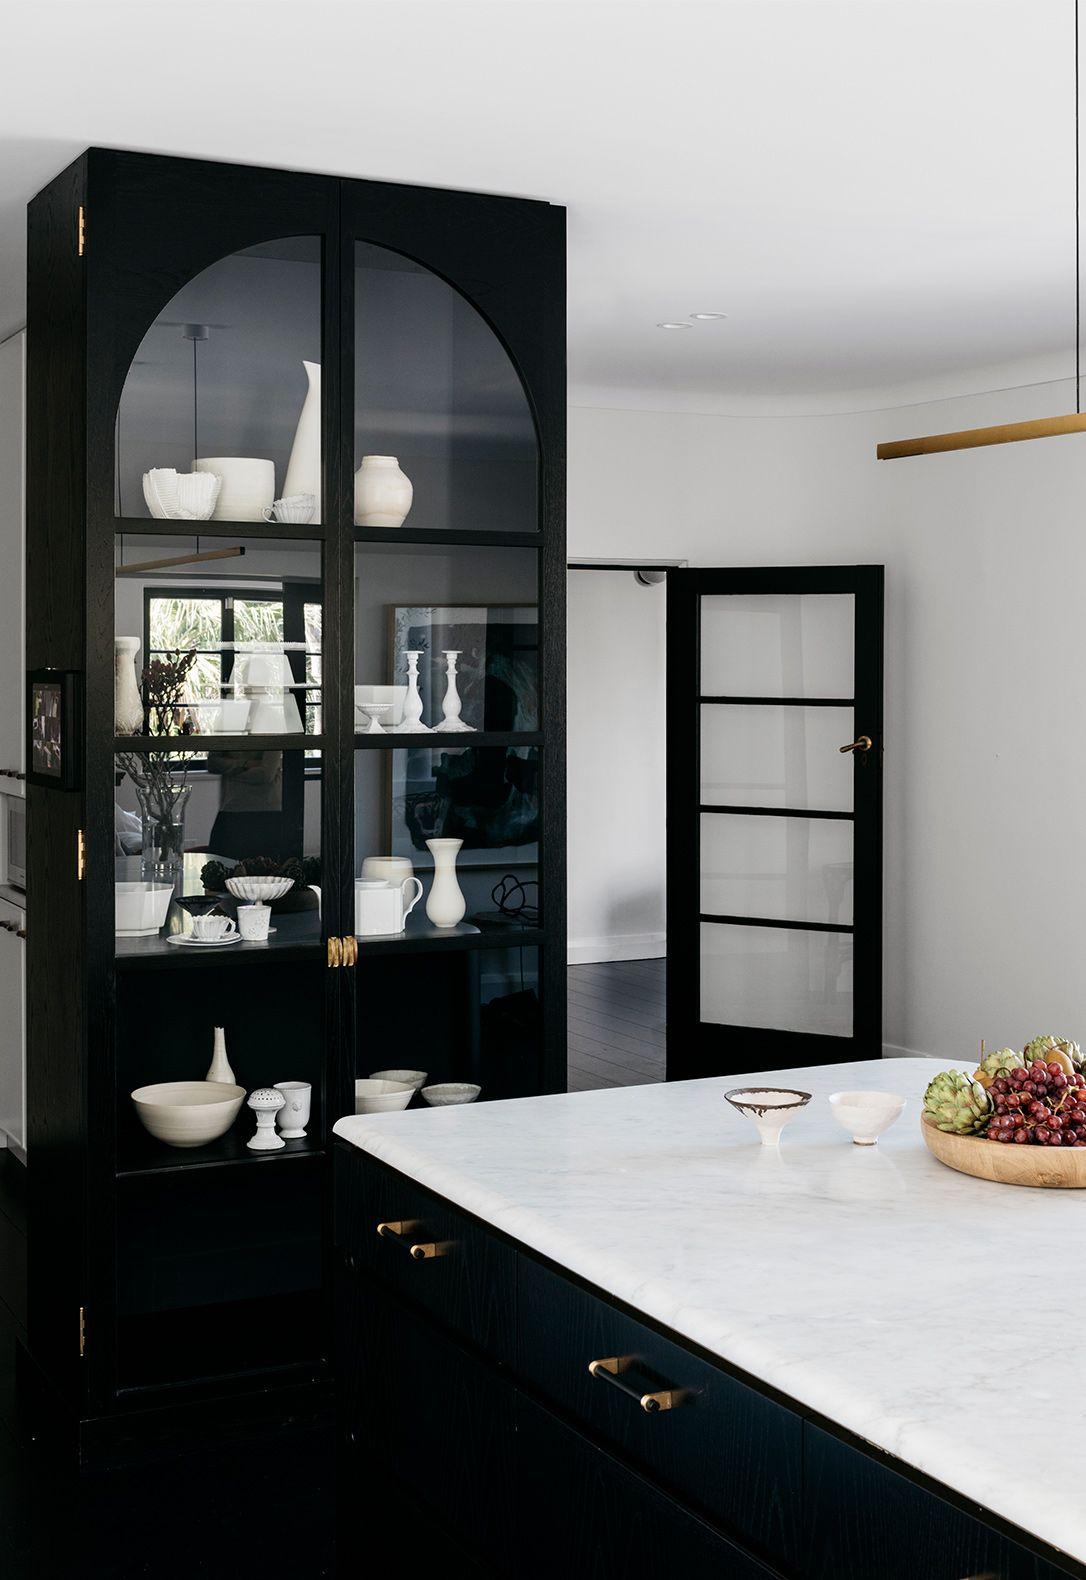 45 Kitchen Cabinet Design Ideas 2019 Unique